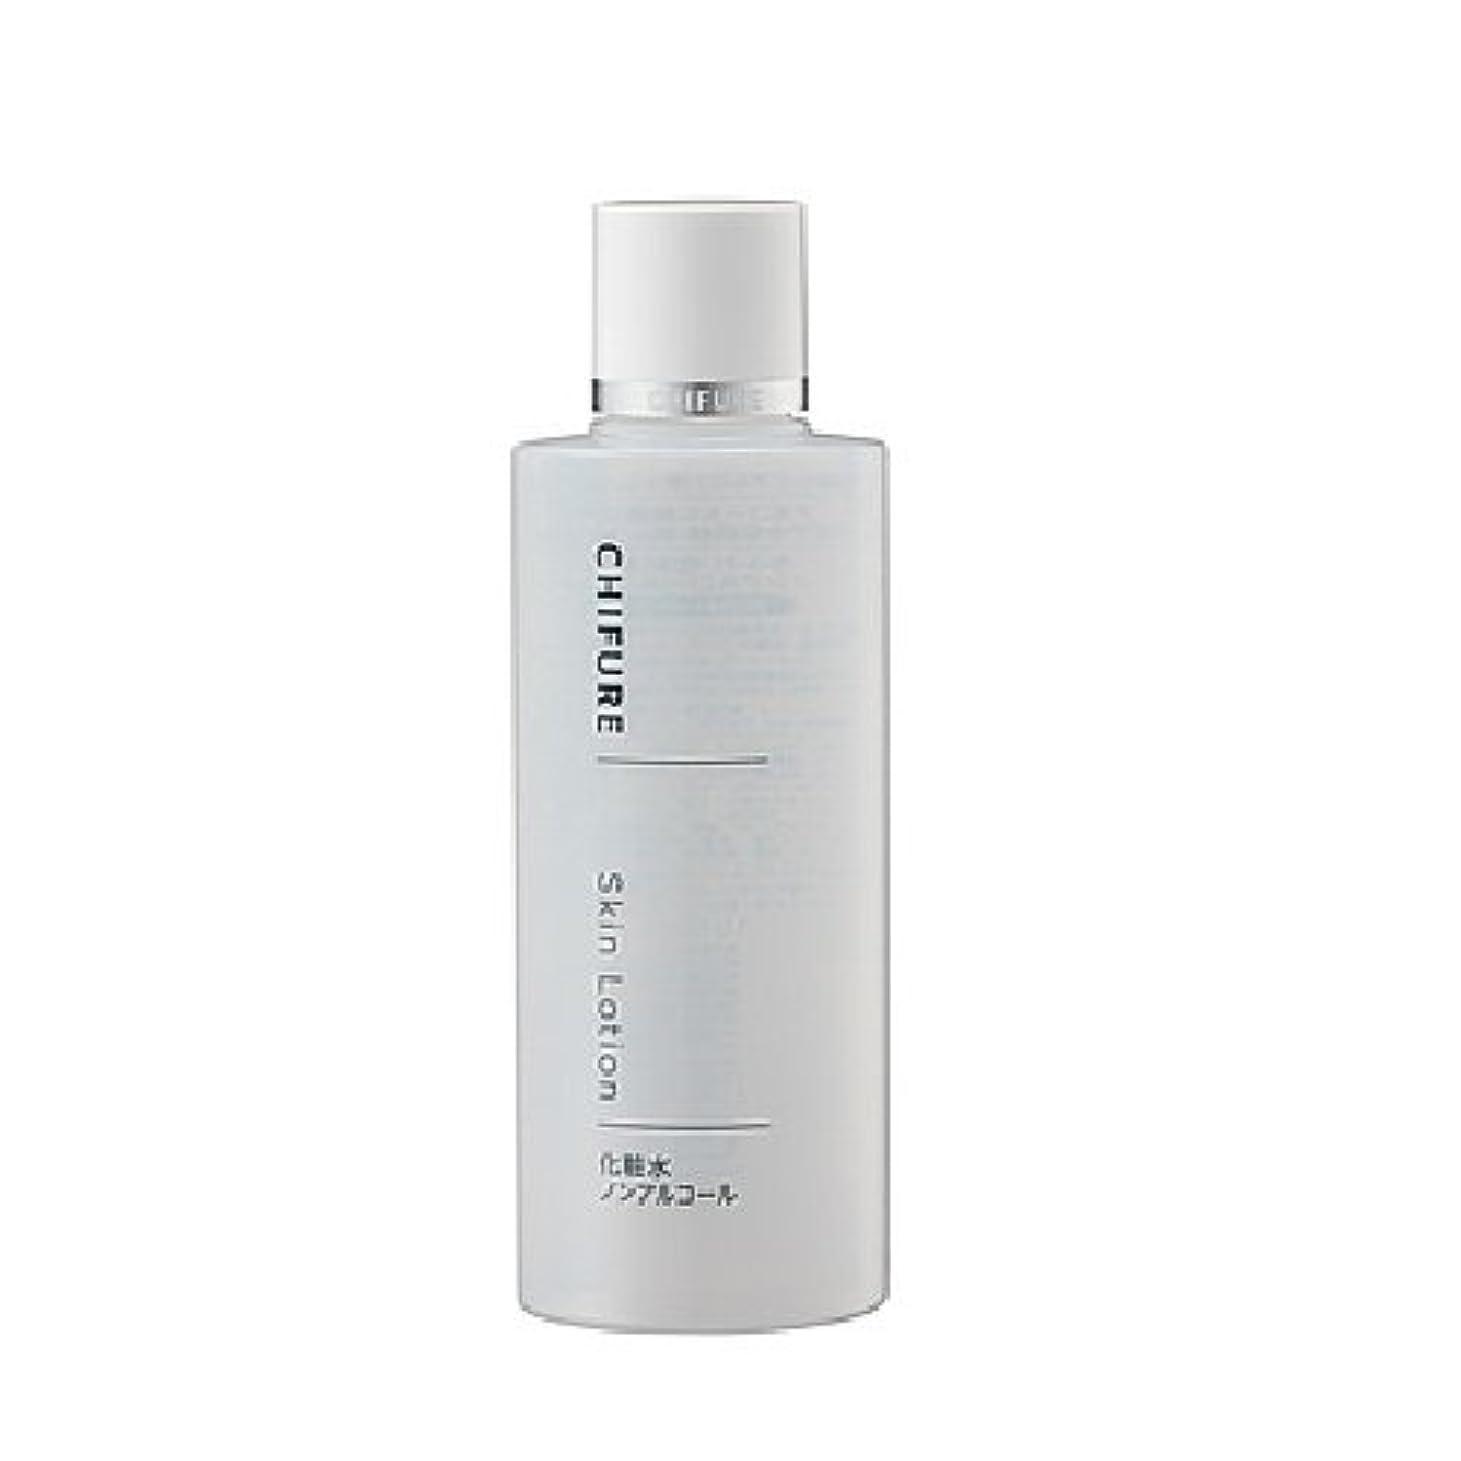 意志愛する保守的ちふれ化粧品 化粧水 ノンアルコールタイプ 180ML